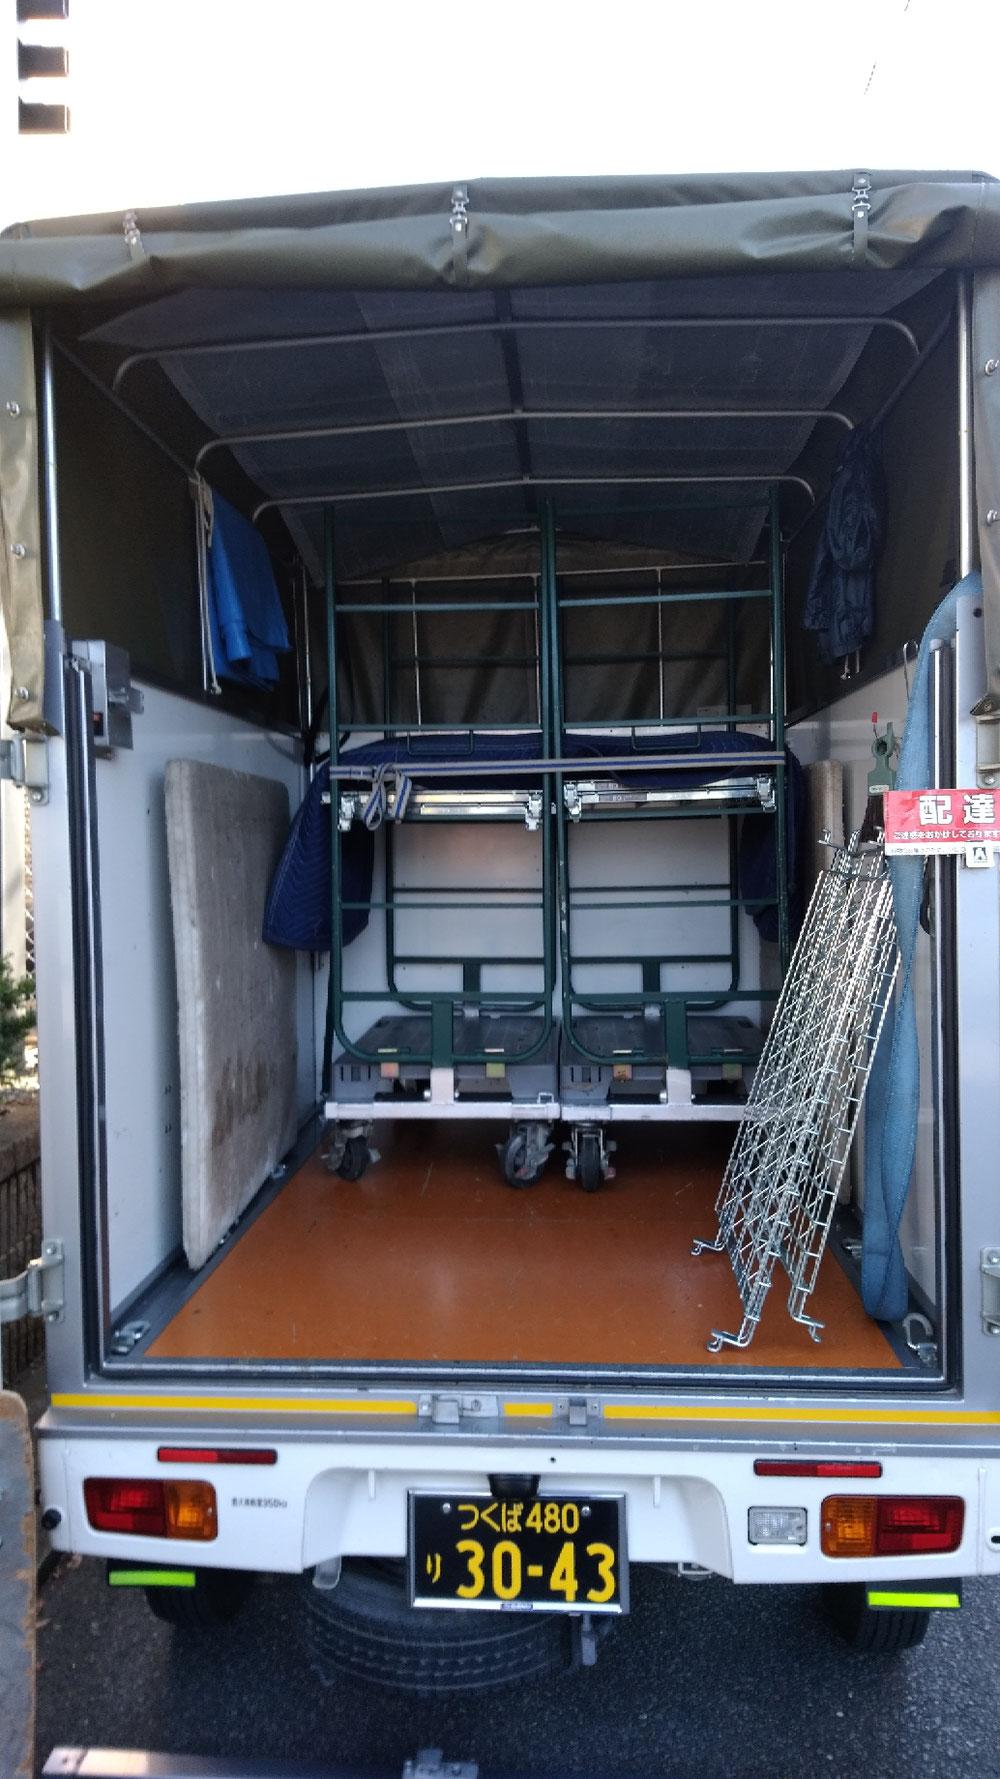 茨城県つくば市~神奈川県横浜市へ業務用台車の配送